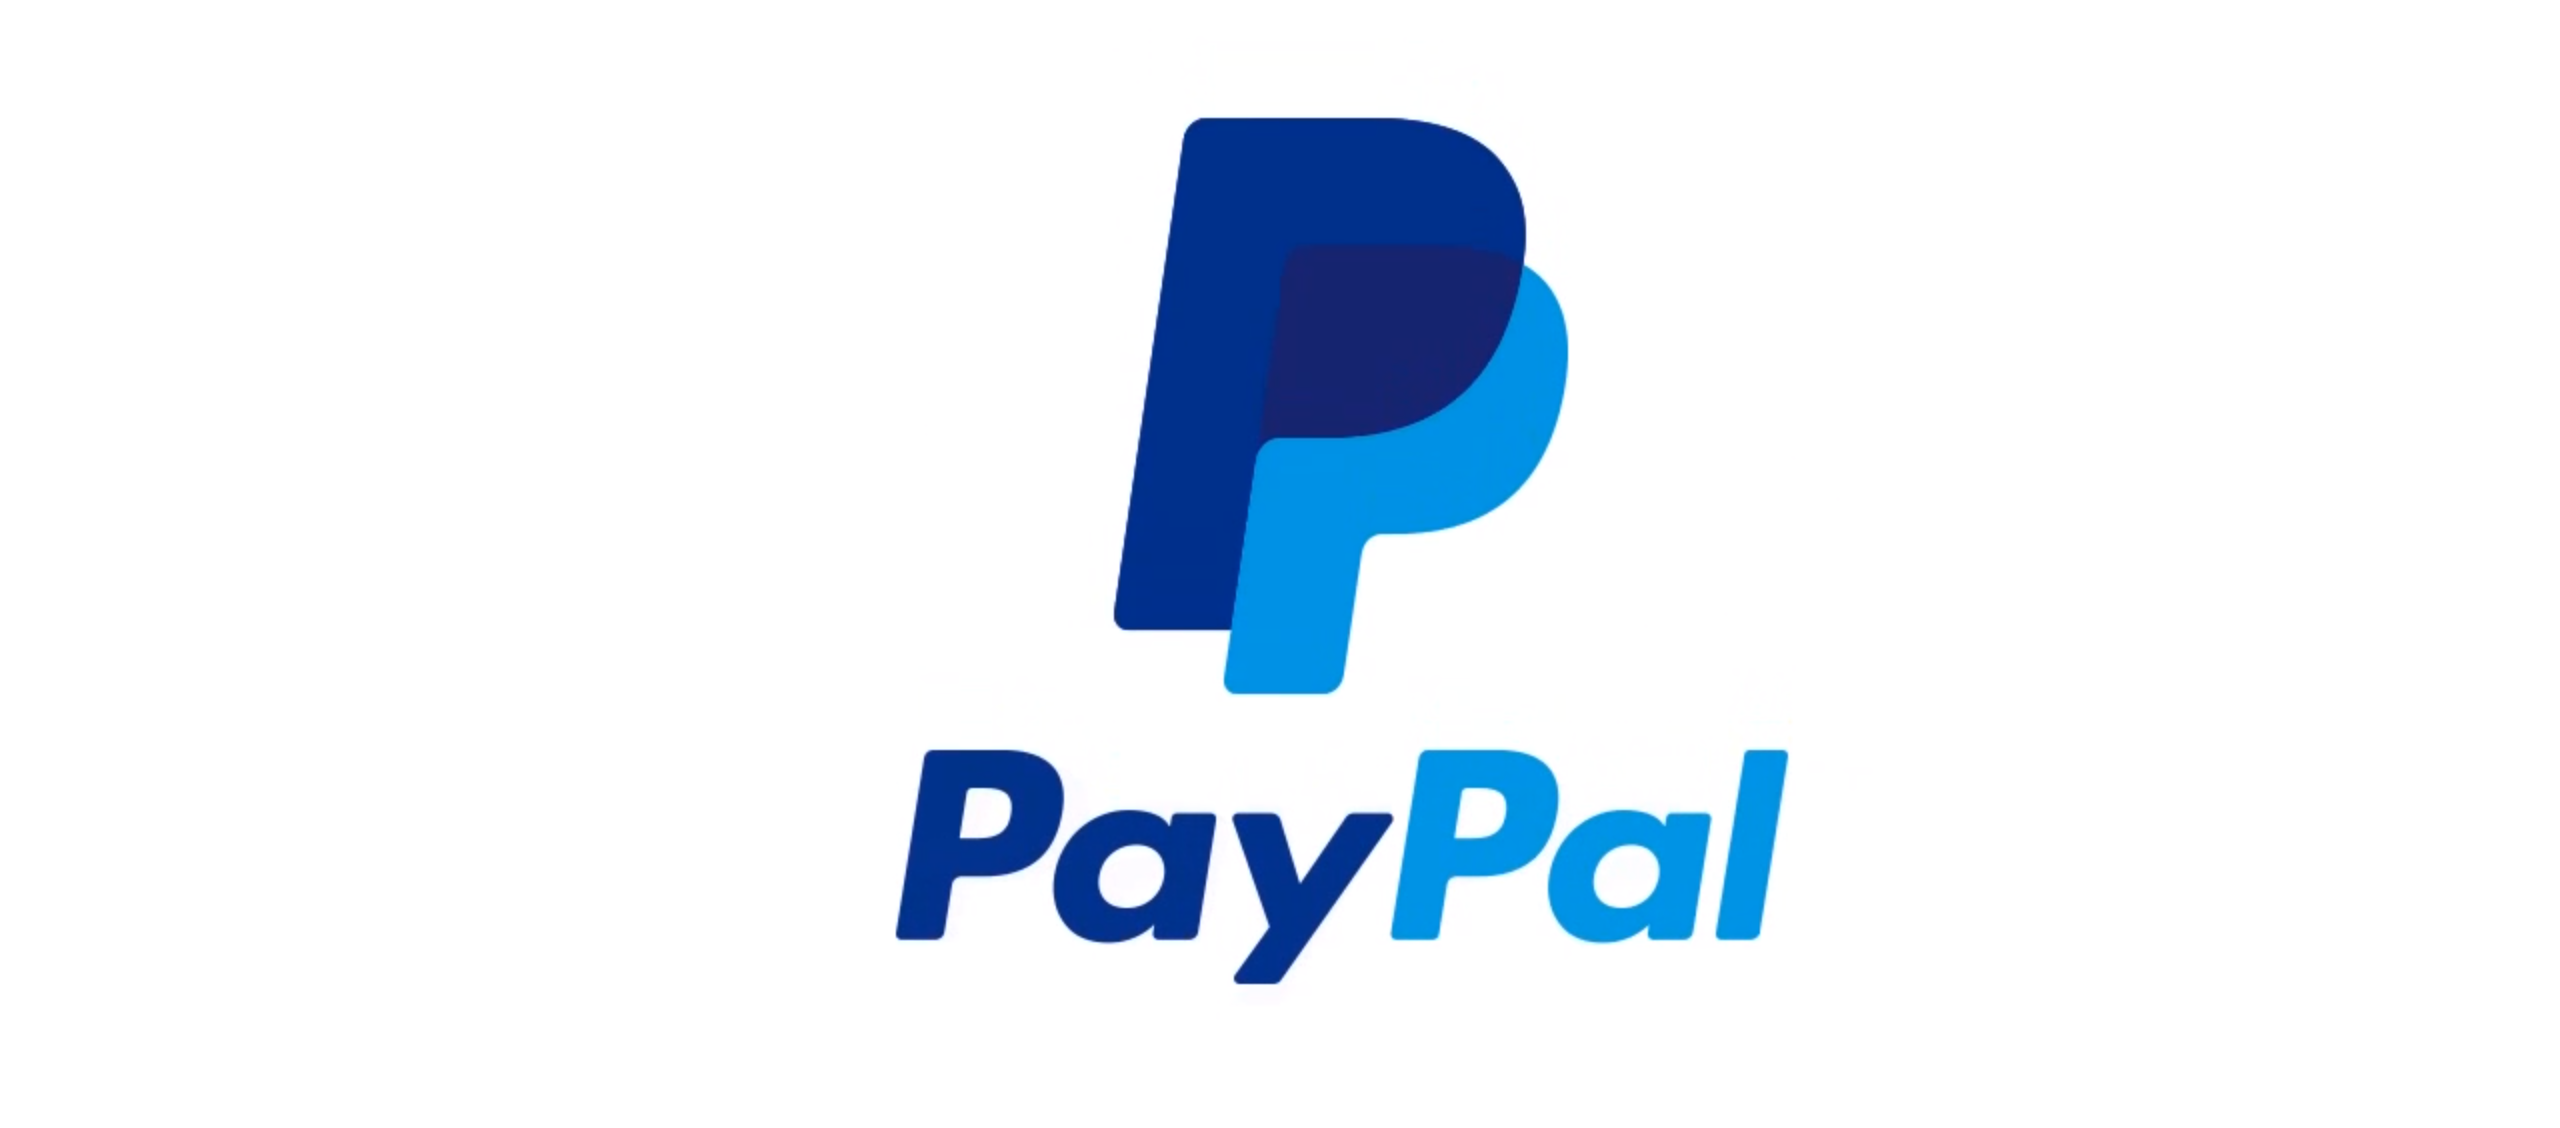 paypal-logo-png-1